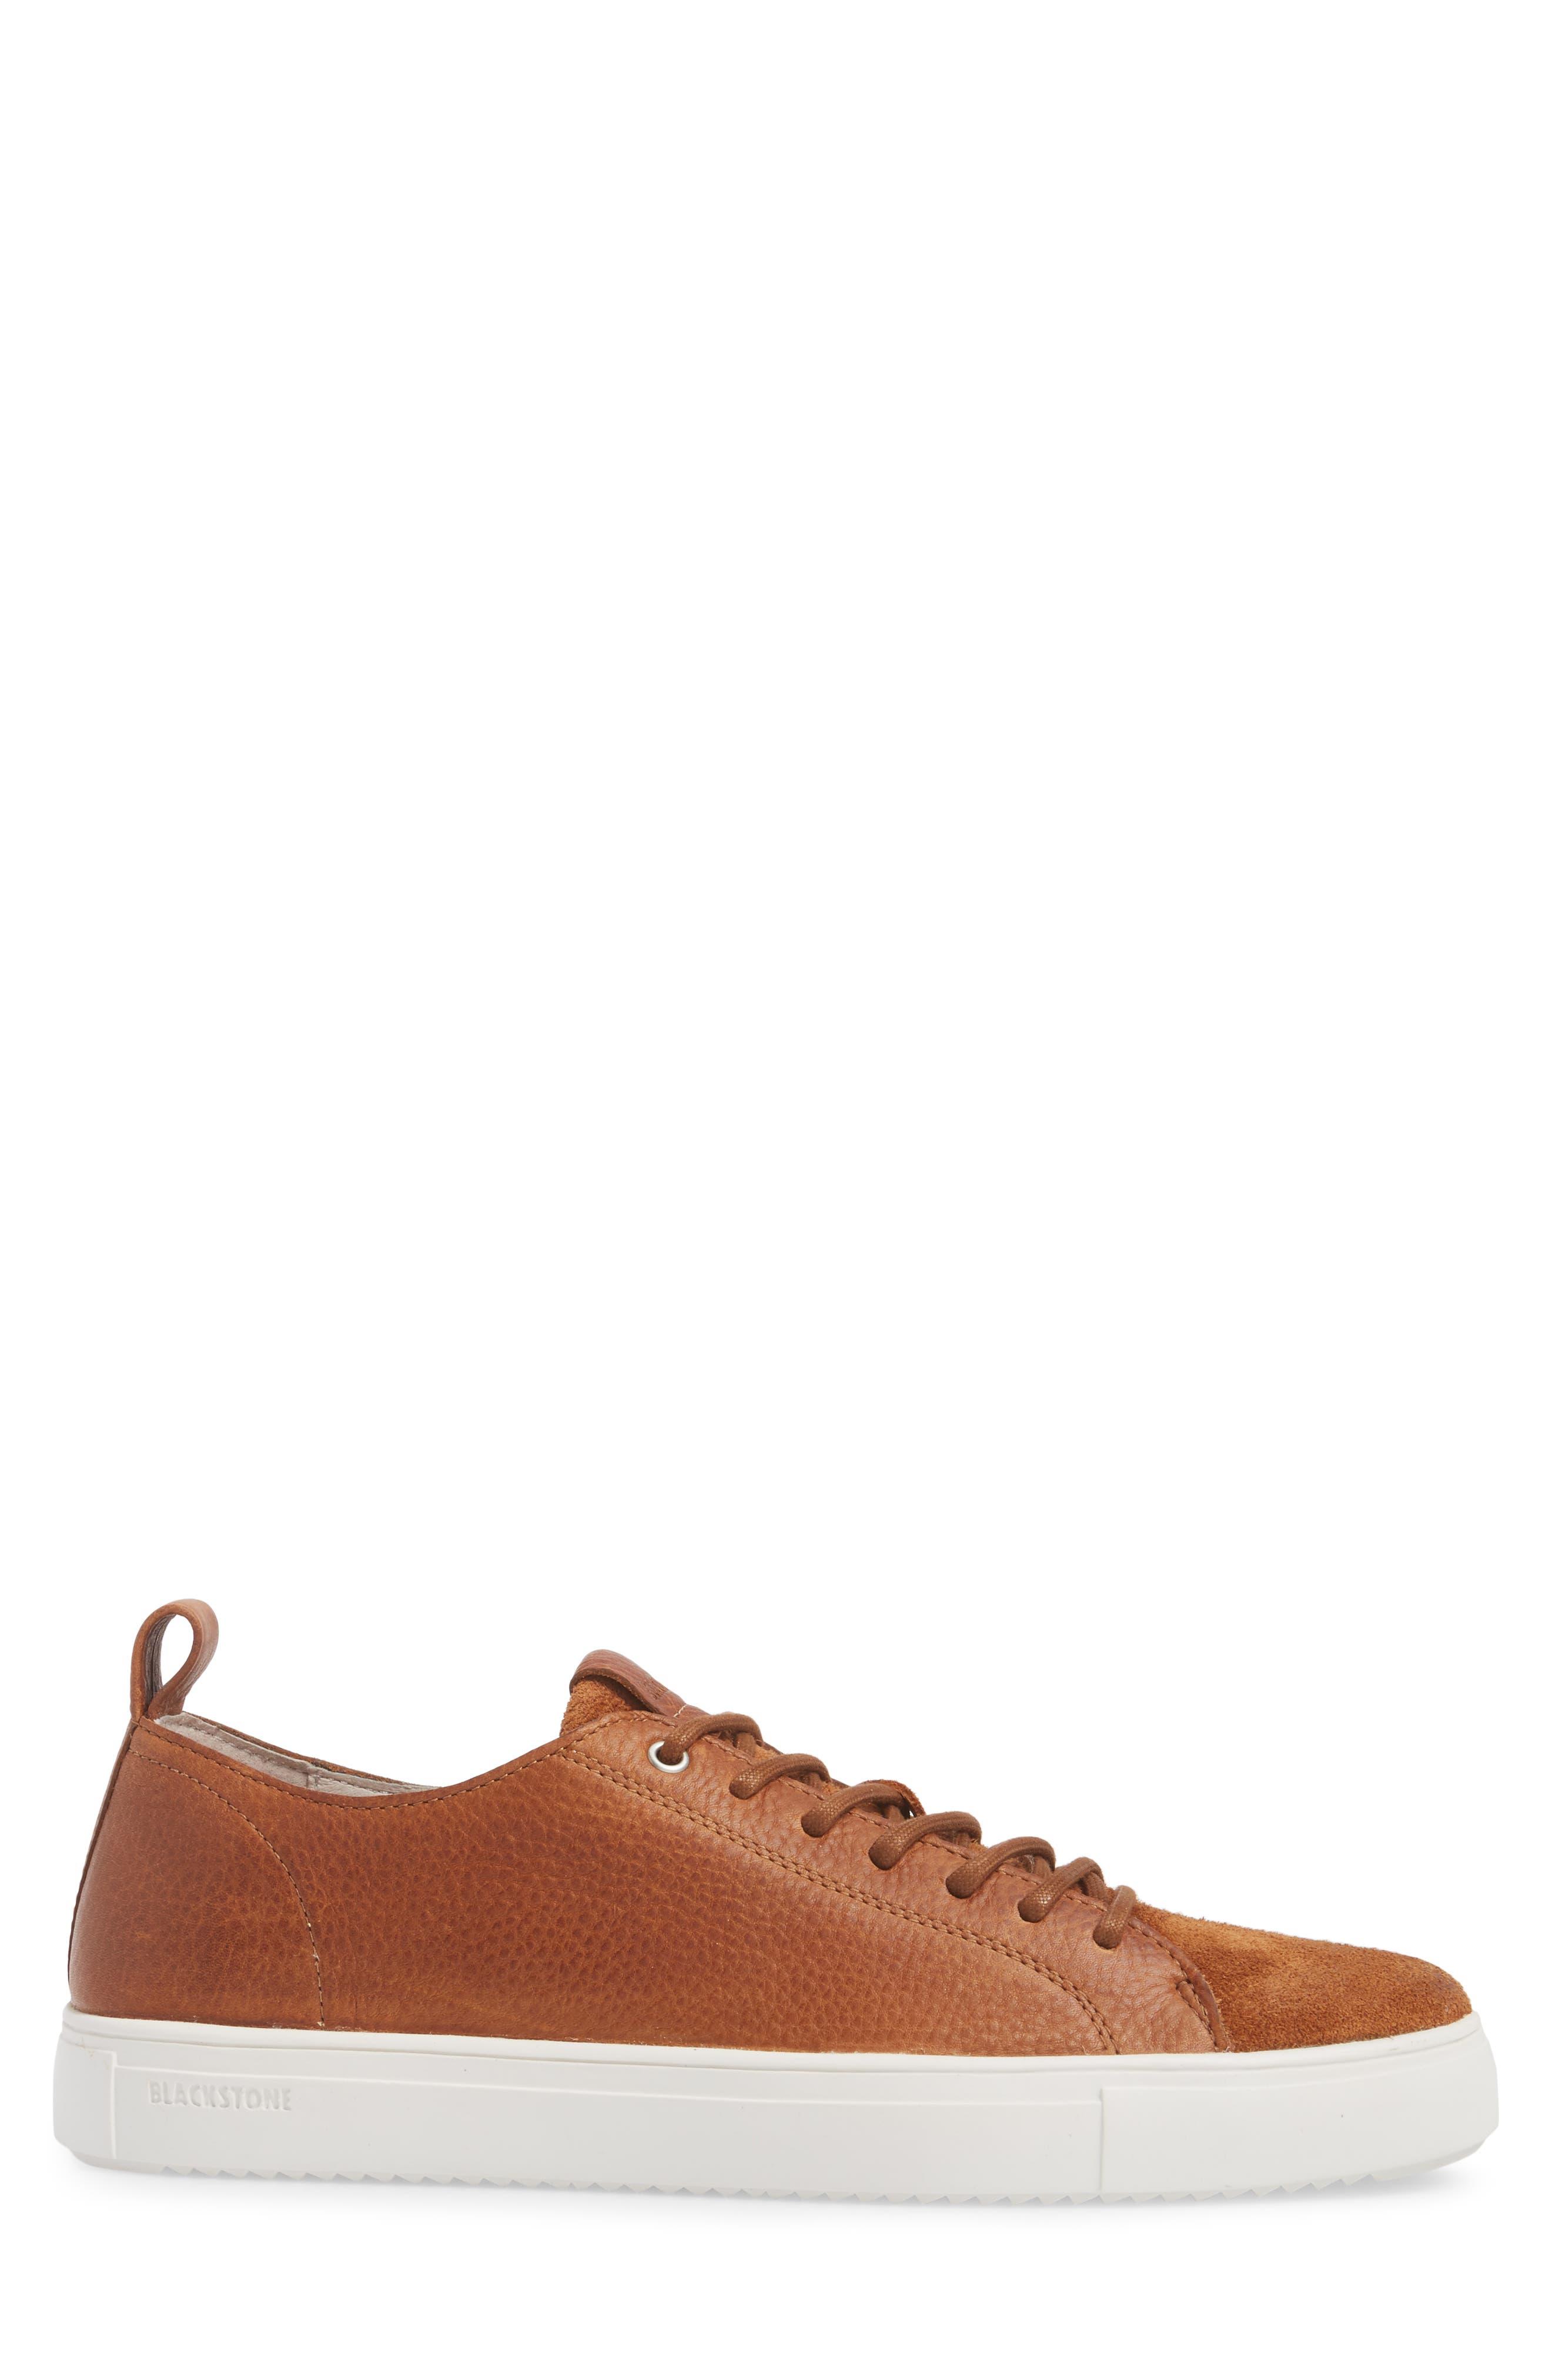 Alternate Image 3  - Blackstone PM46 Low Top Sneaker (Men)